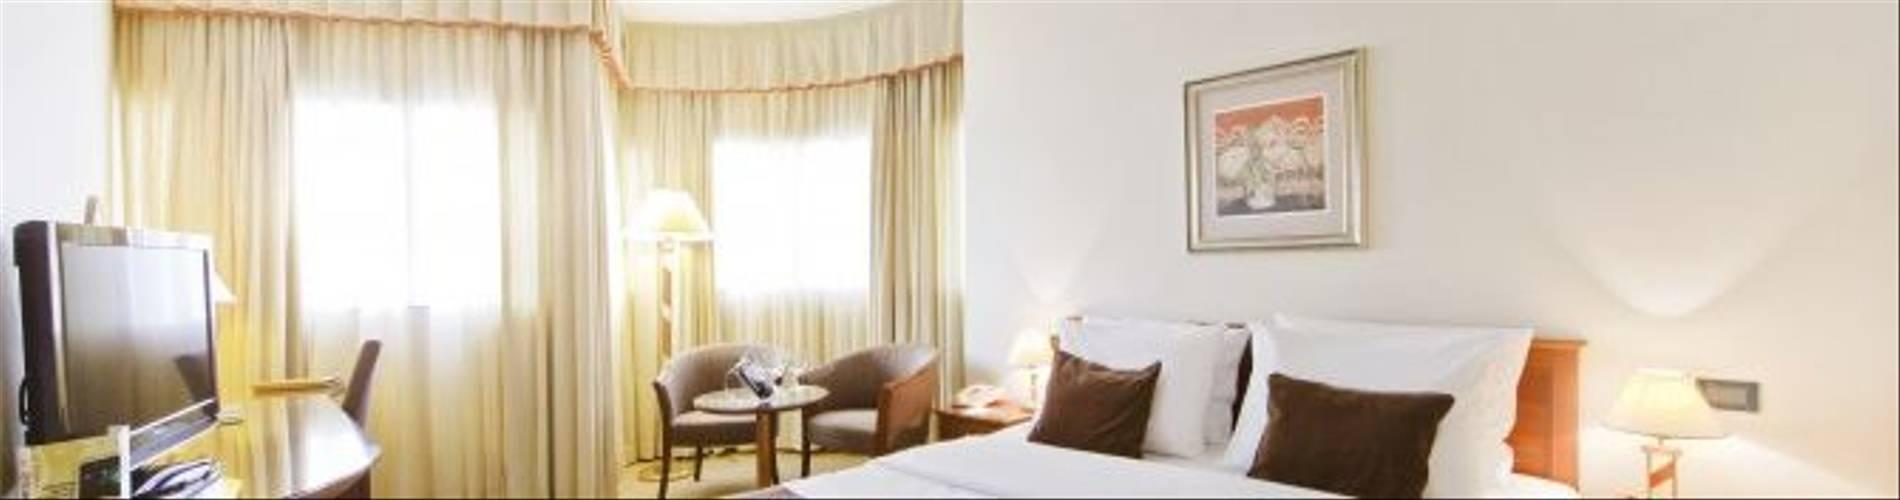 Standard-double-room-Hotel-Dubrovnik-Zagreb.jpg